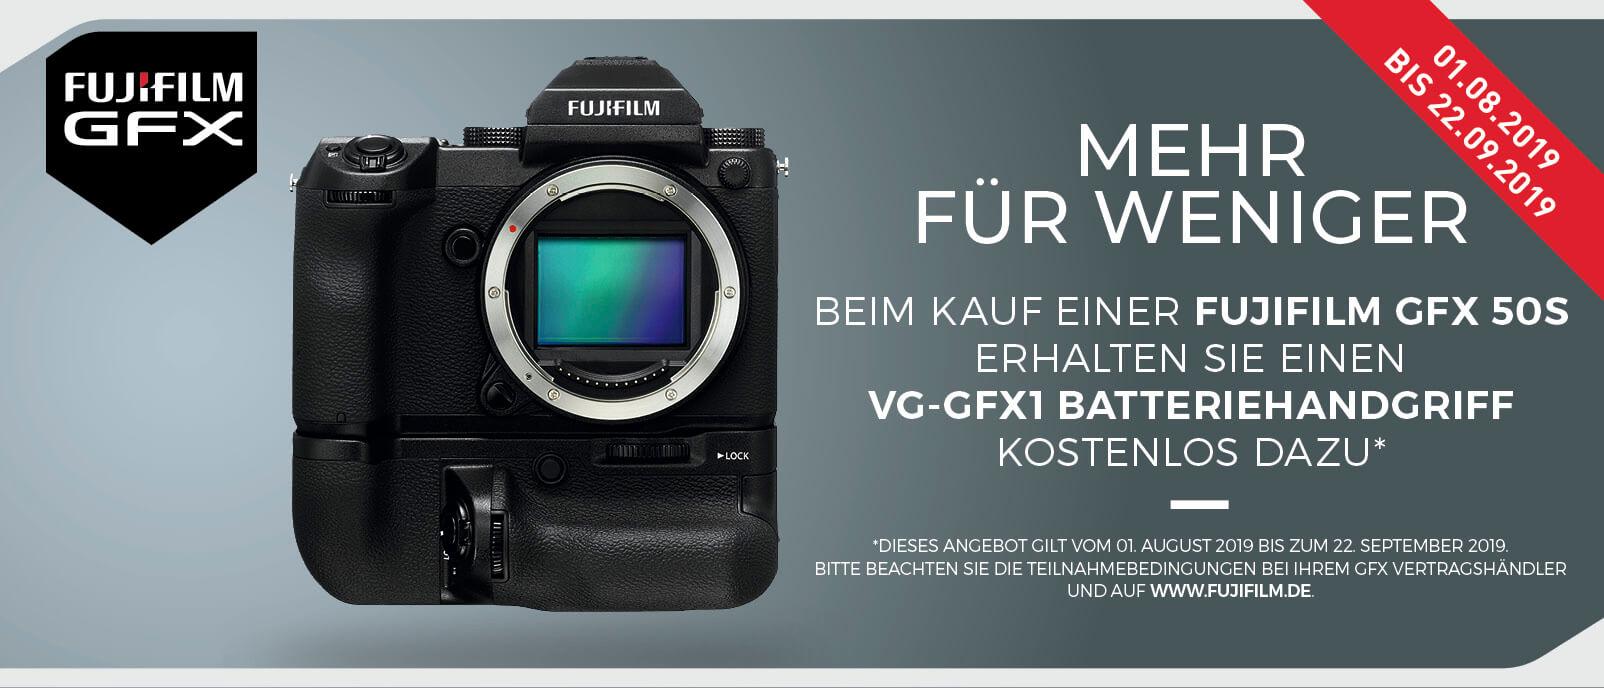 Foto Meyer Berlin Cashback und Sparaktionen:  FUJIFILM GRATIS GFX 50S BATTERIEHANDGRIFF